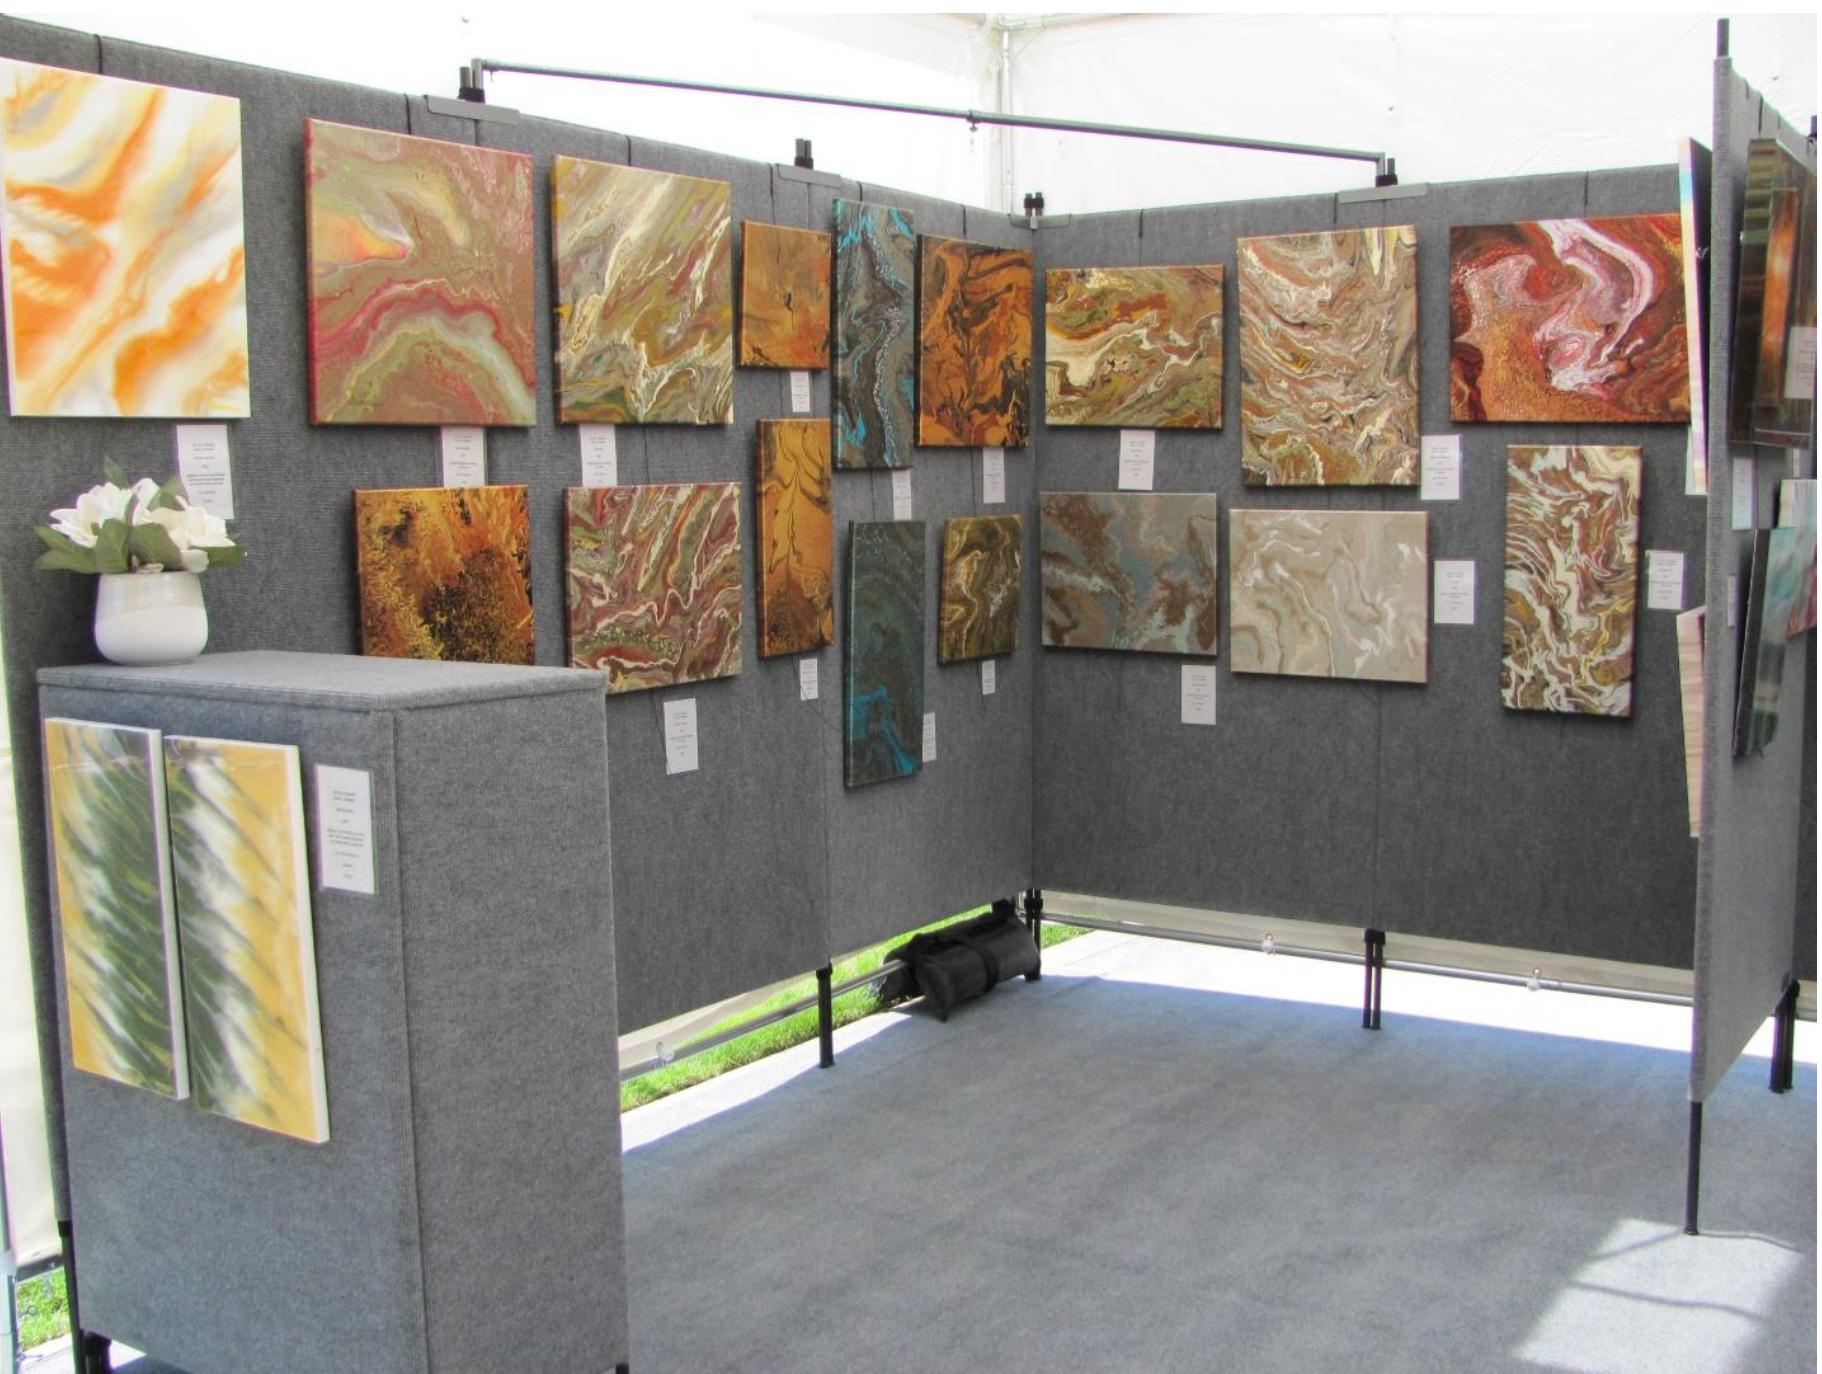 Susan Knowles, Ft. Wayne, IN propanels Art display